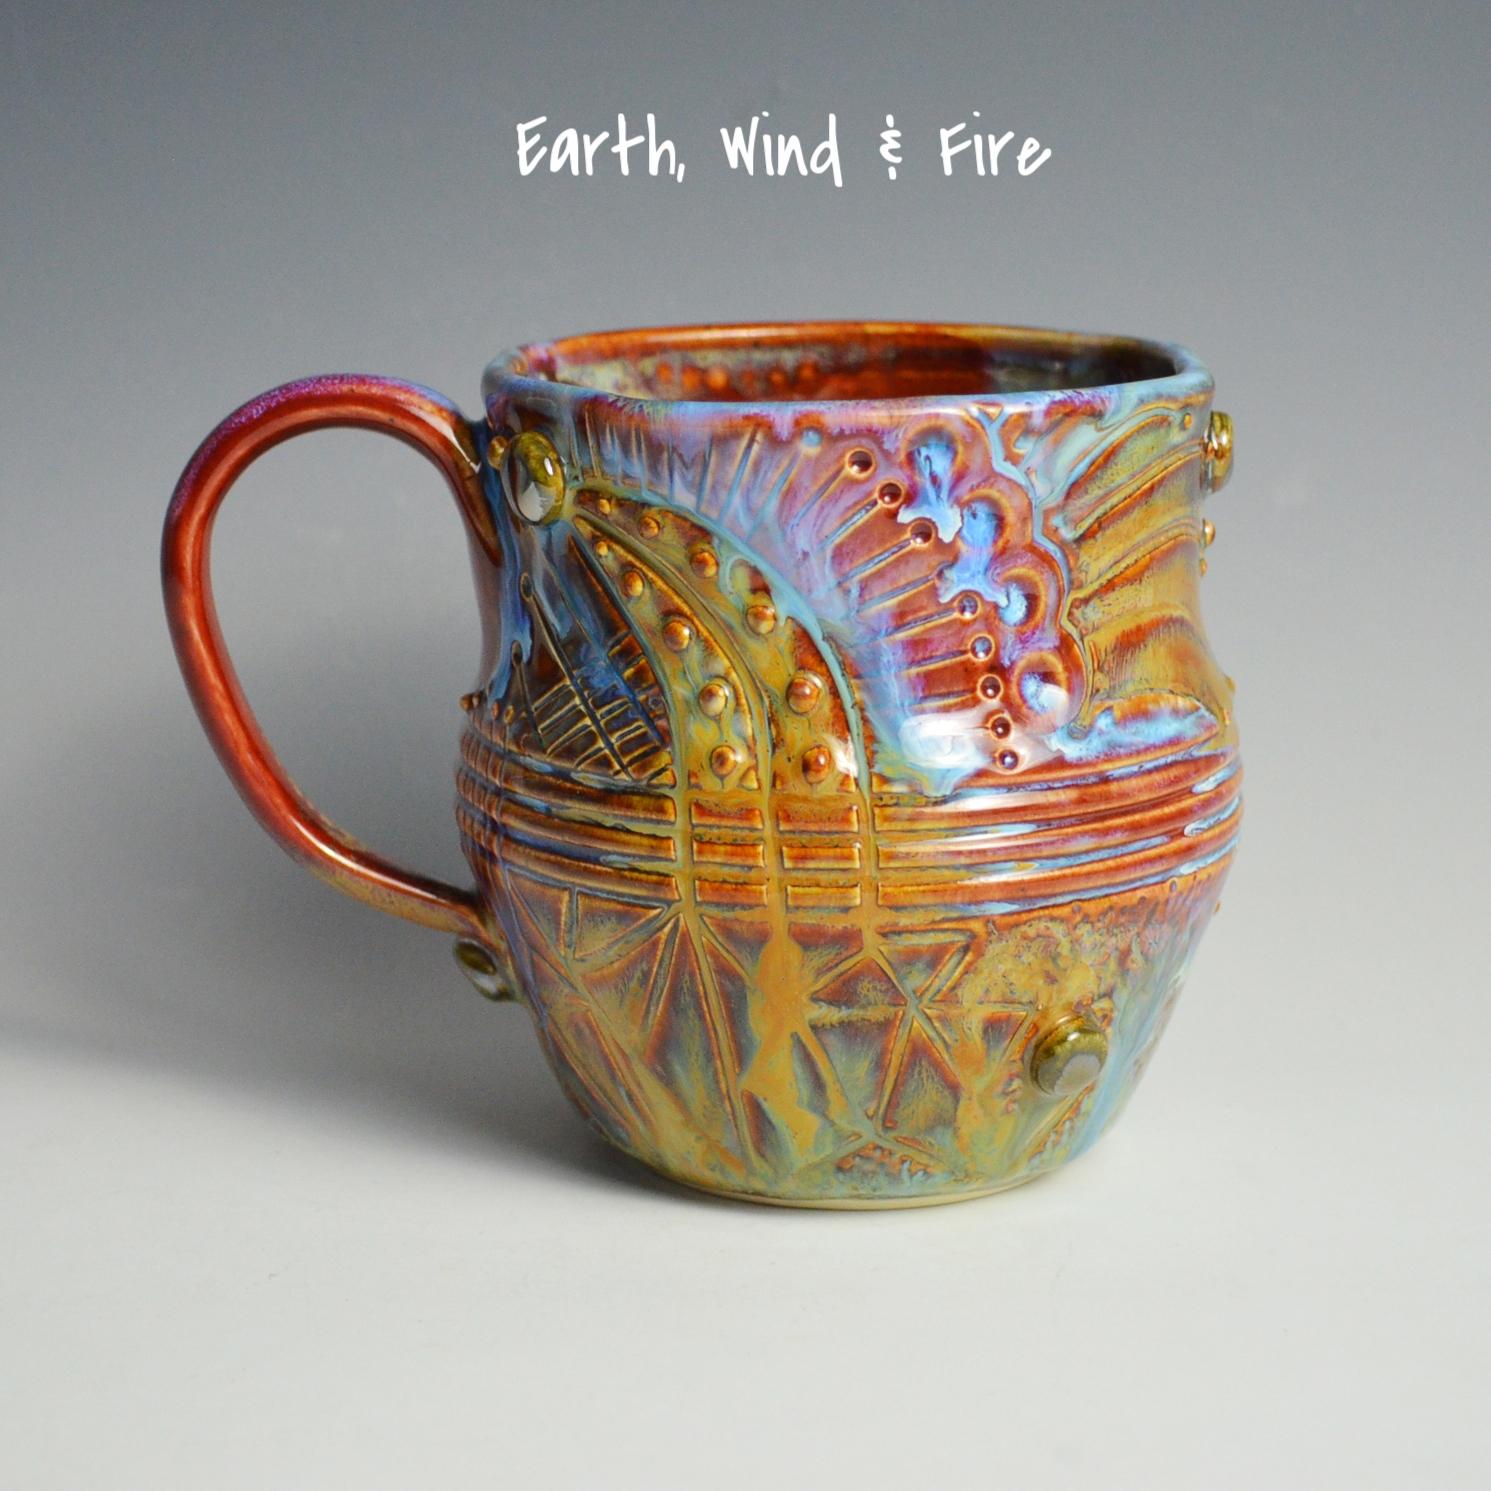 2567- Earth Wind & Fire.jpg